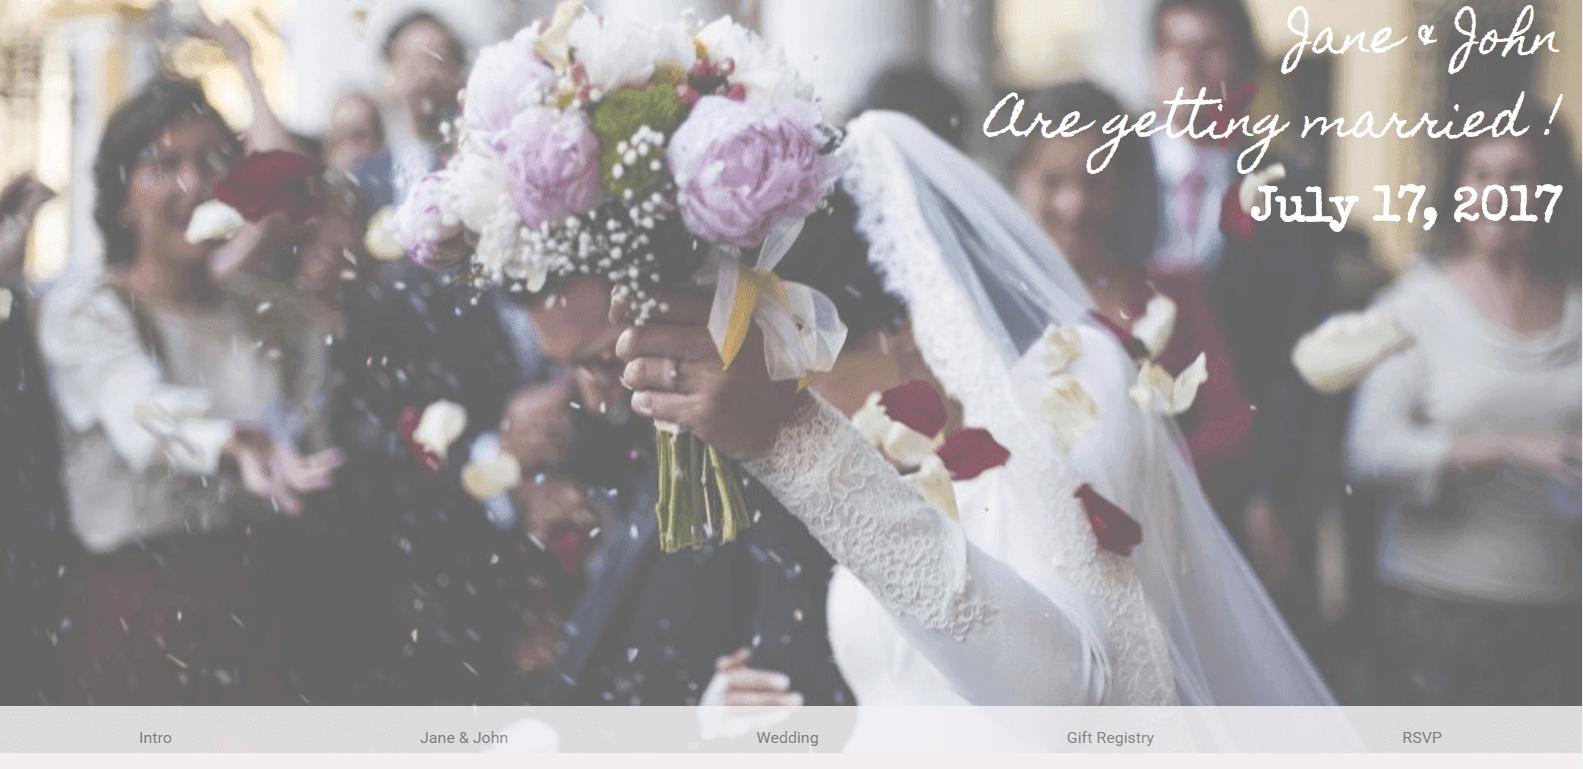 rsvp wedding site example by Saranya Moellers